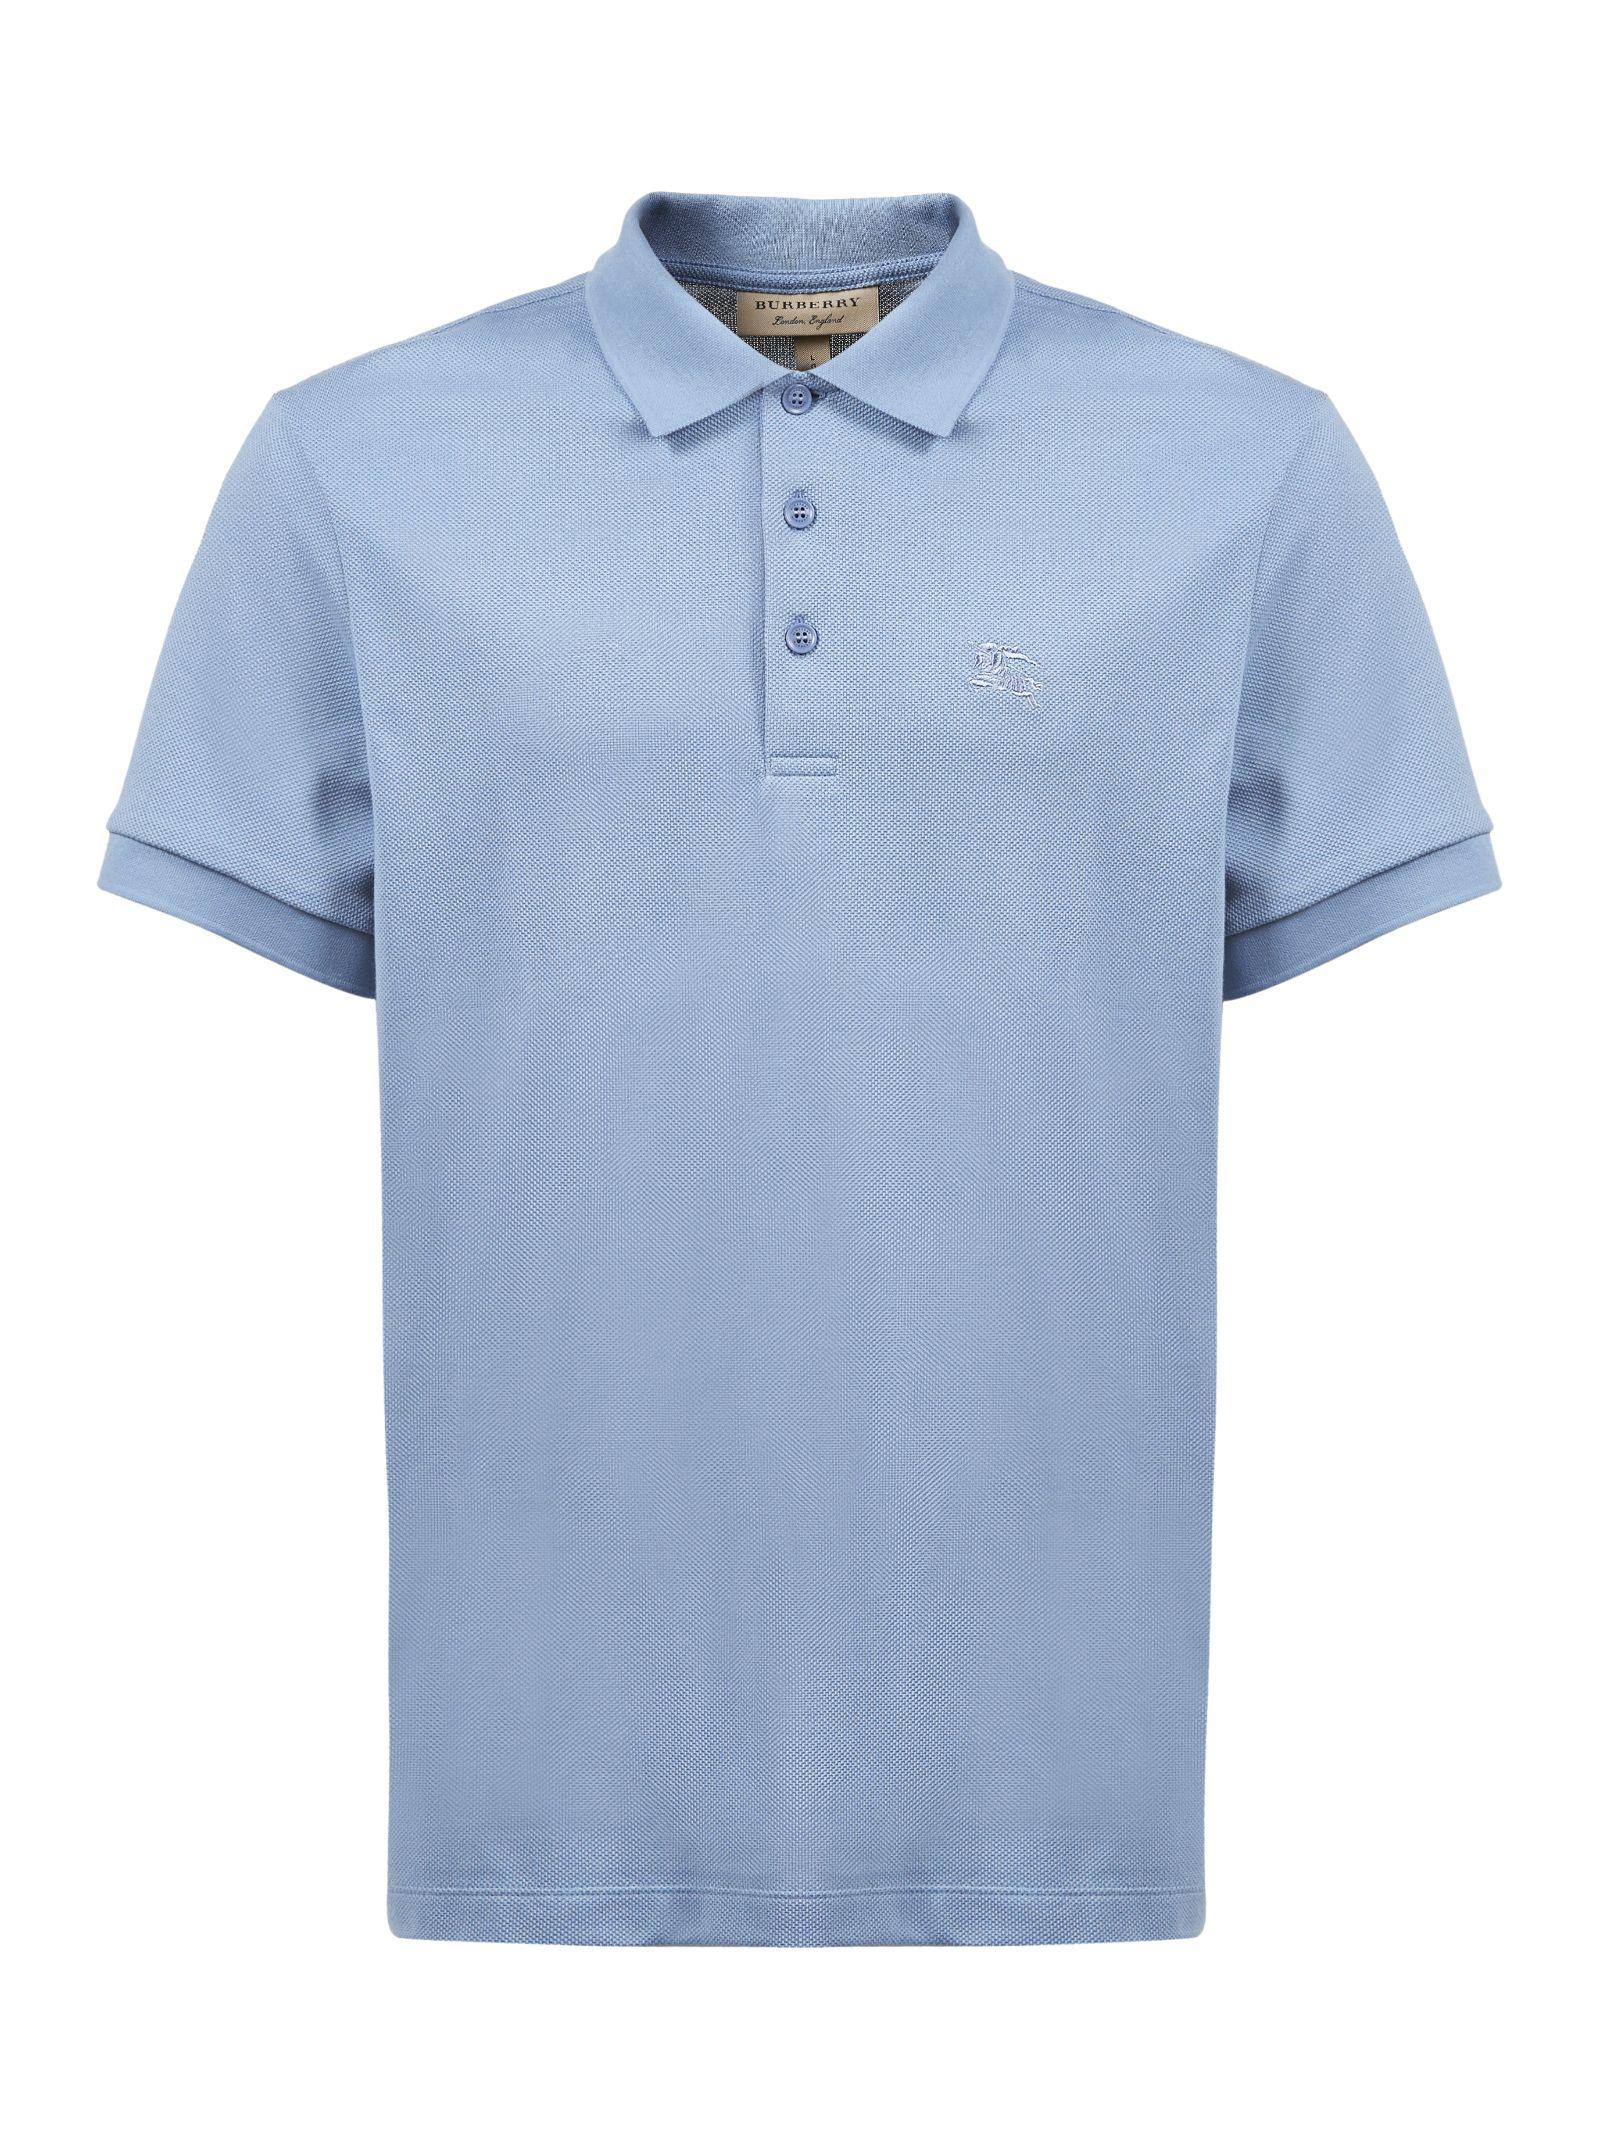 Burberry Burberry Embroidered Logo Polo Shirt Celeste 10821581